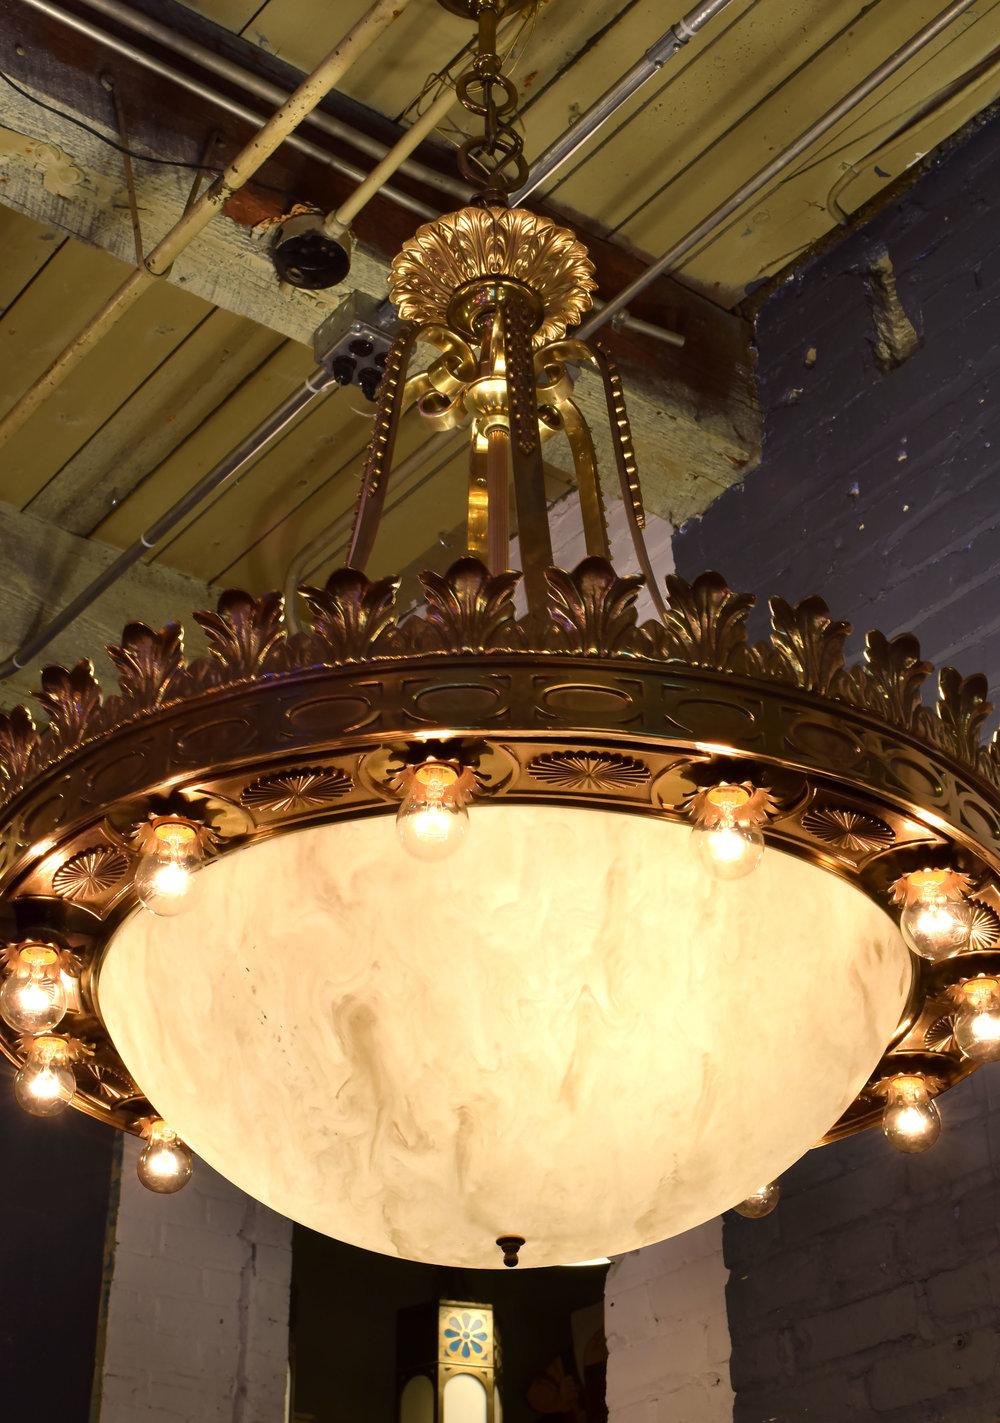 47134-bronze-bowl-chandelier-natural-backdrop.jpg